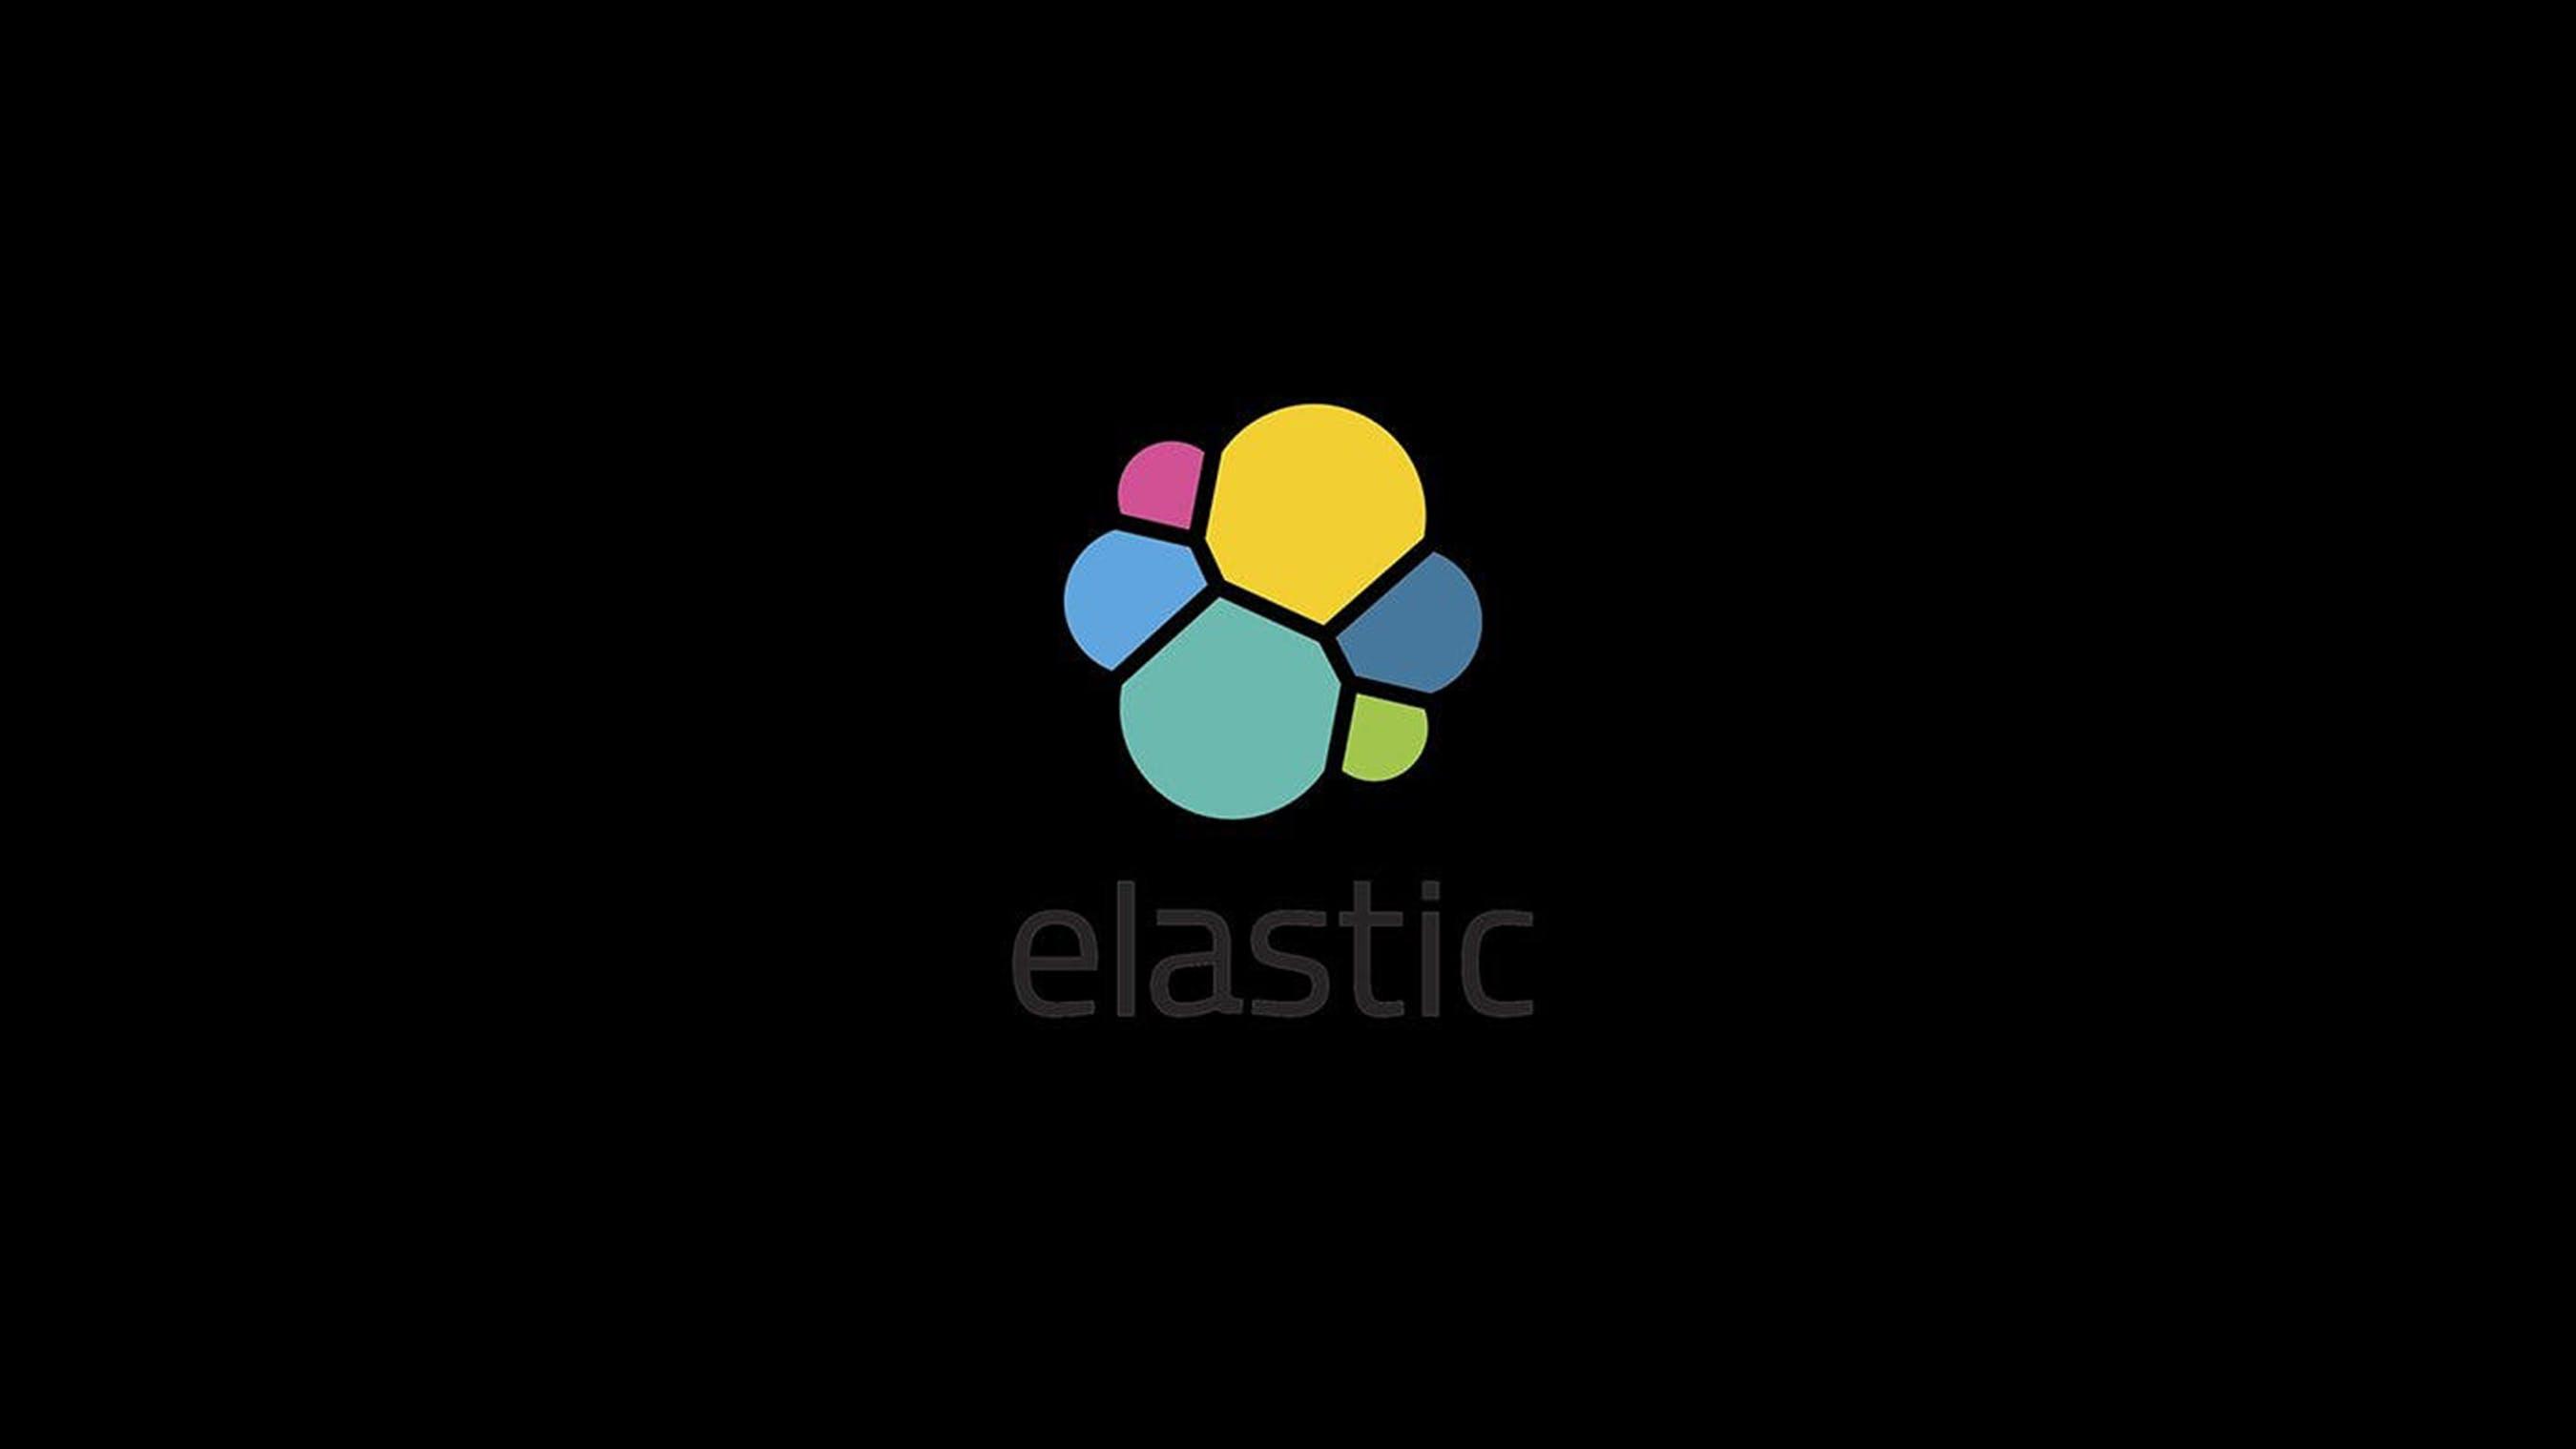 ELASTIC (ESTC) HIRES CENTERVIEW, EXPLORE SALE